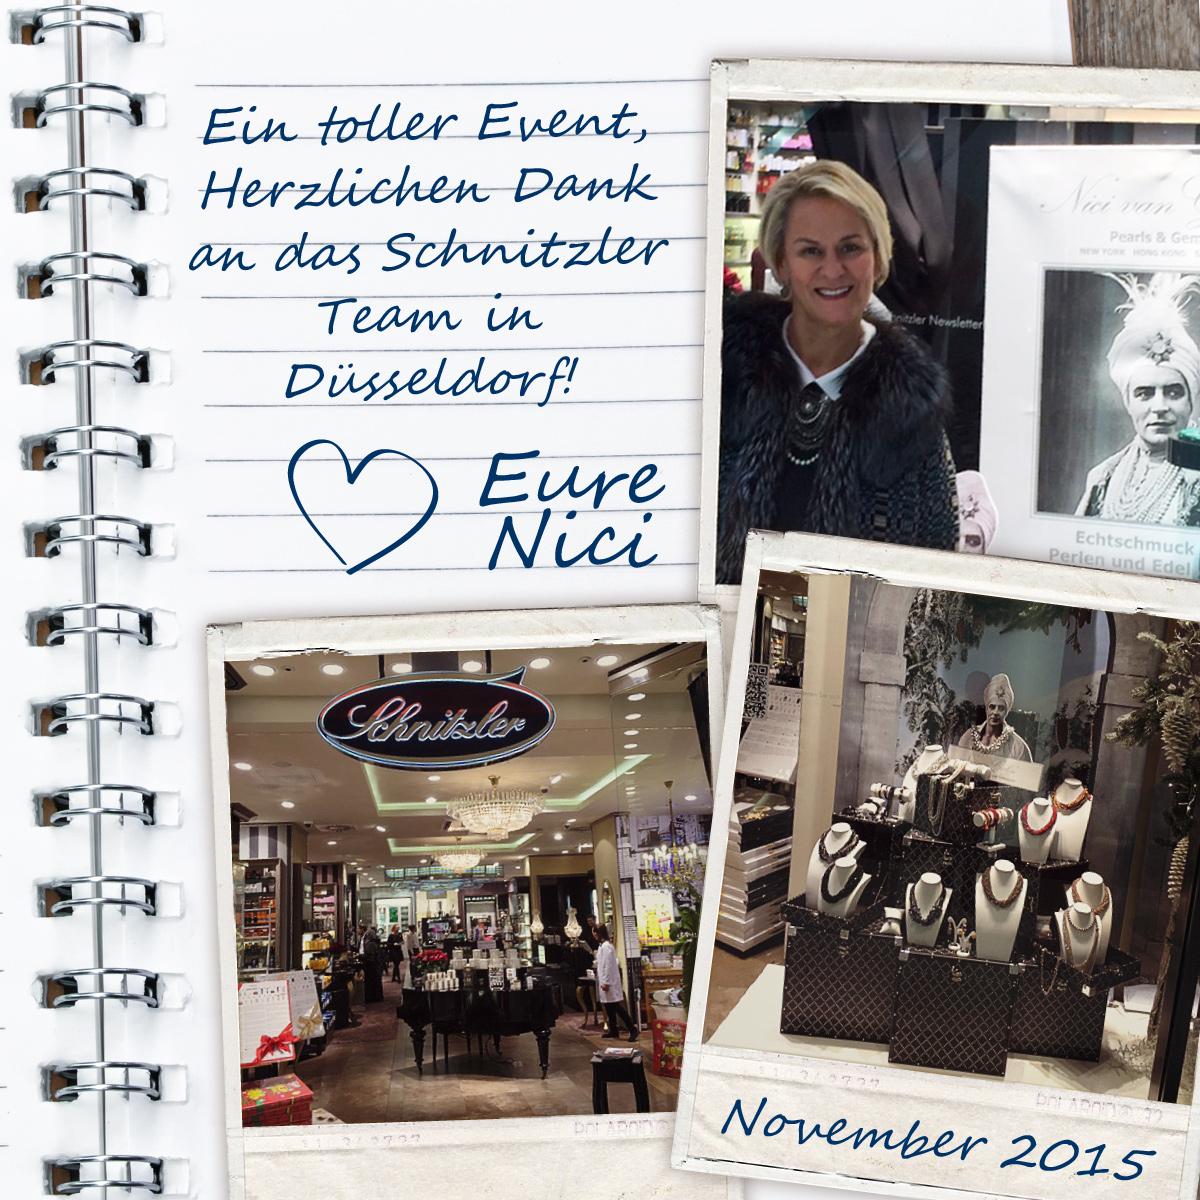 Ein toller Event, Herzlichen Dank an das Schnitzler Team in Düsseldorf!